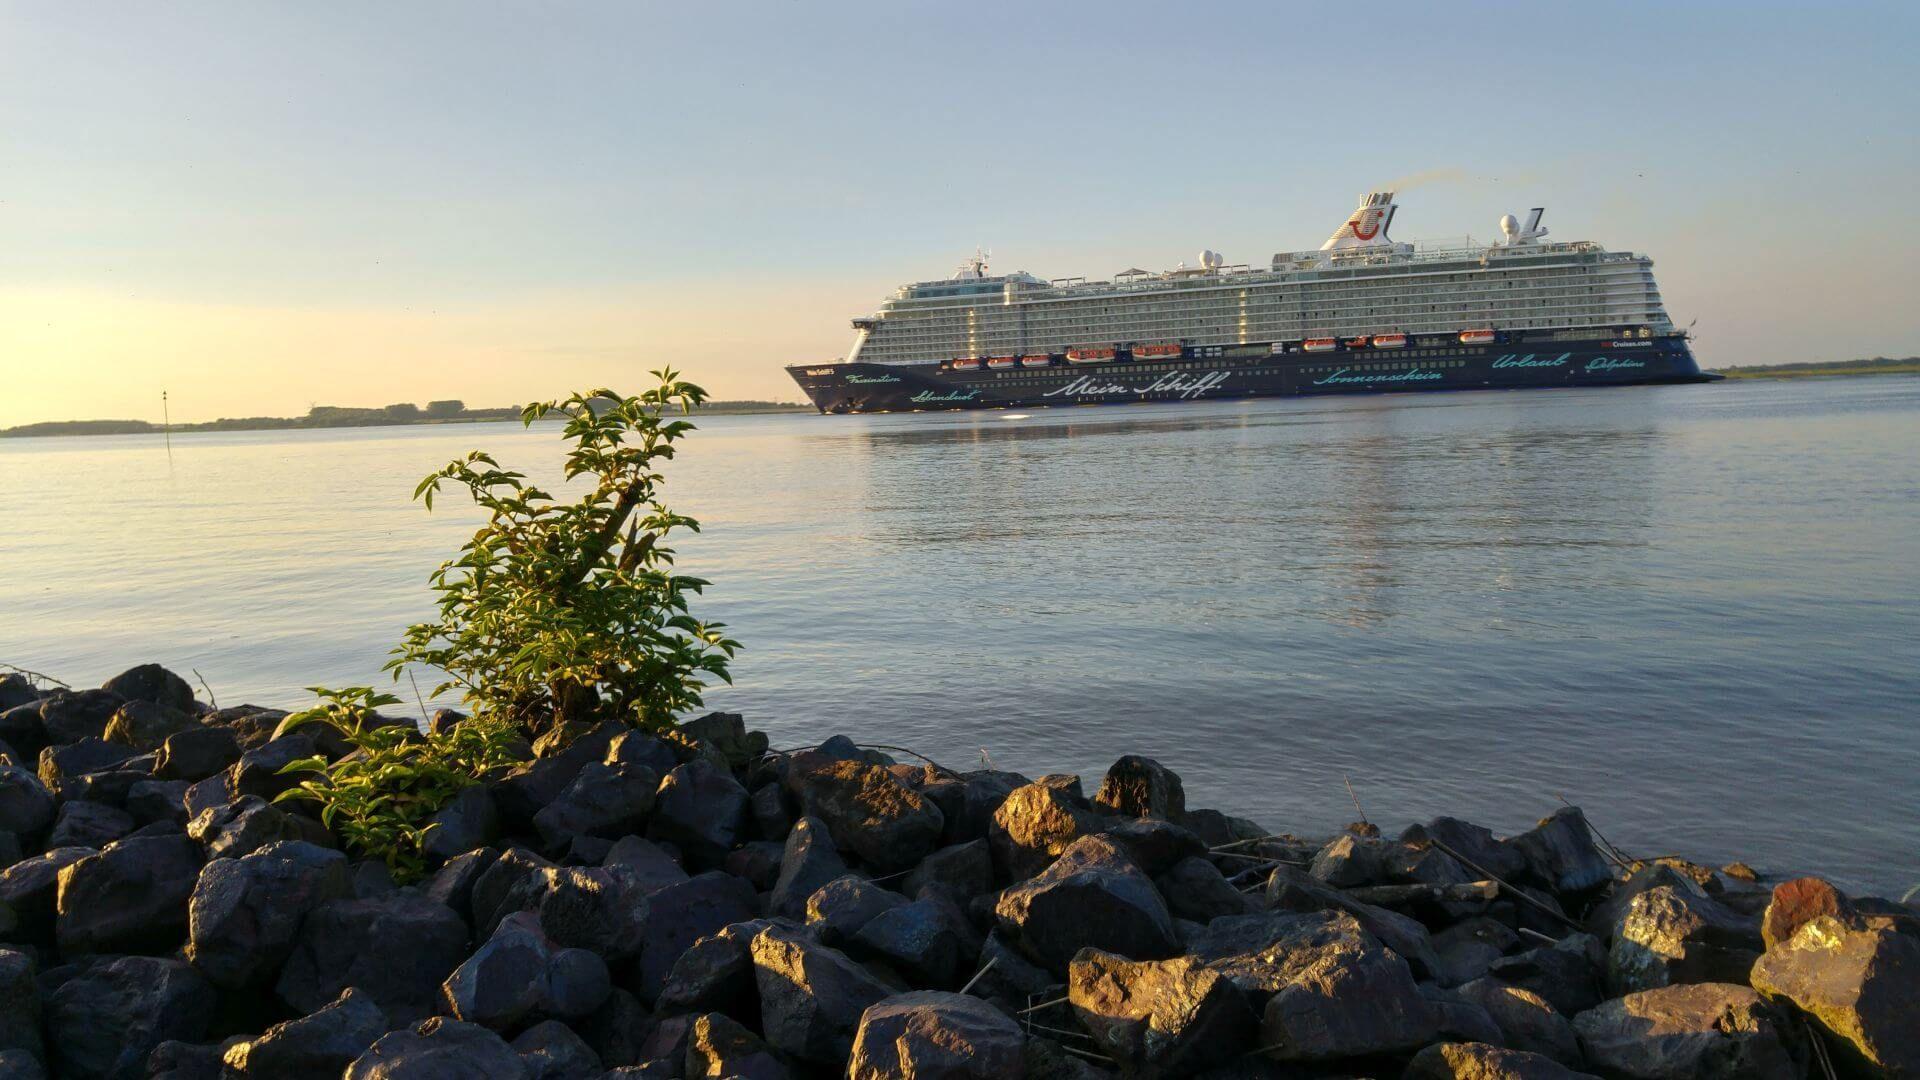 Foto: Mein Schiff in Hamburg